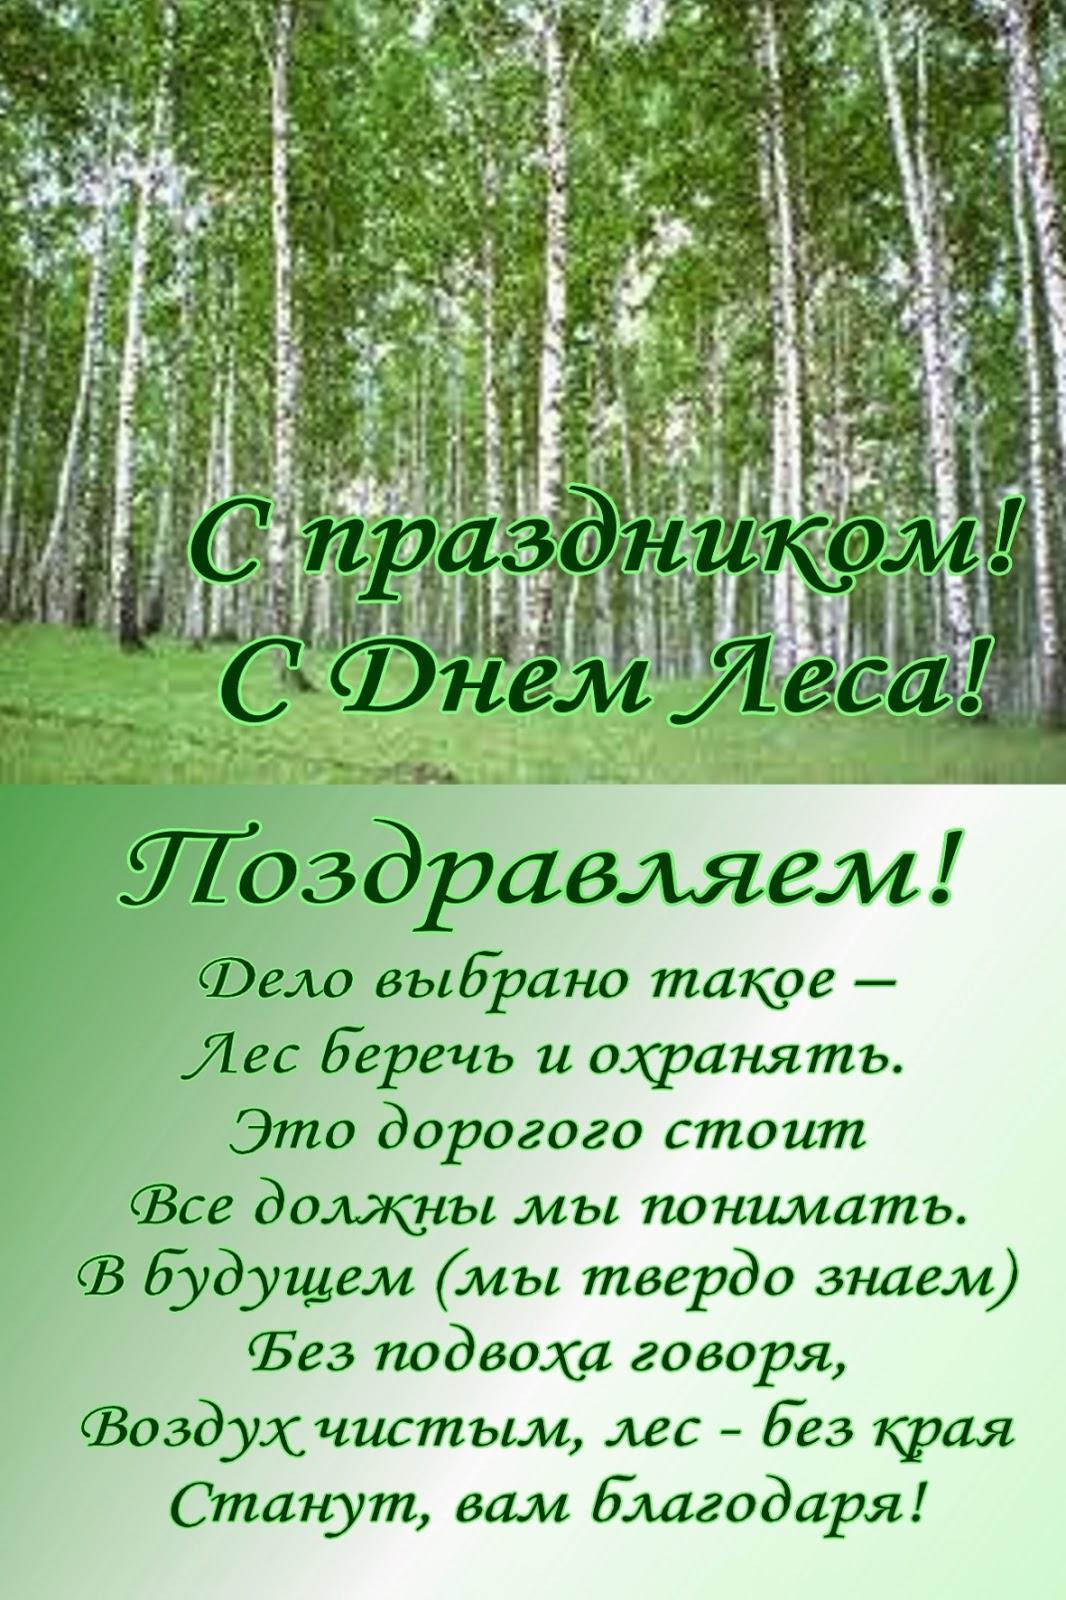 Поздравление главы с днем лесного работника